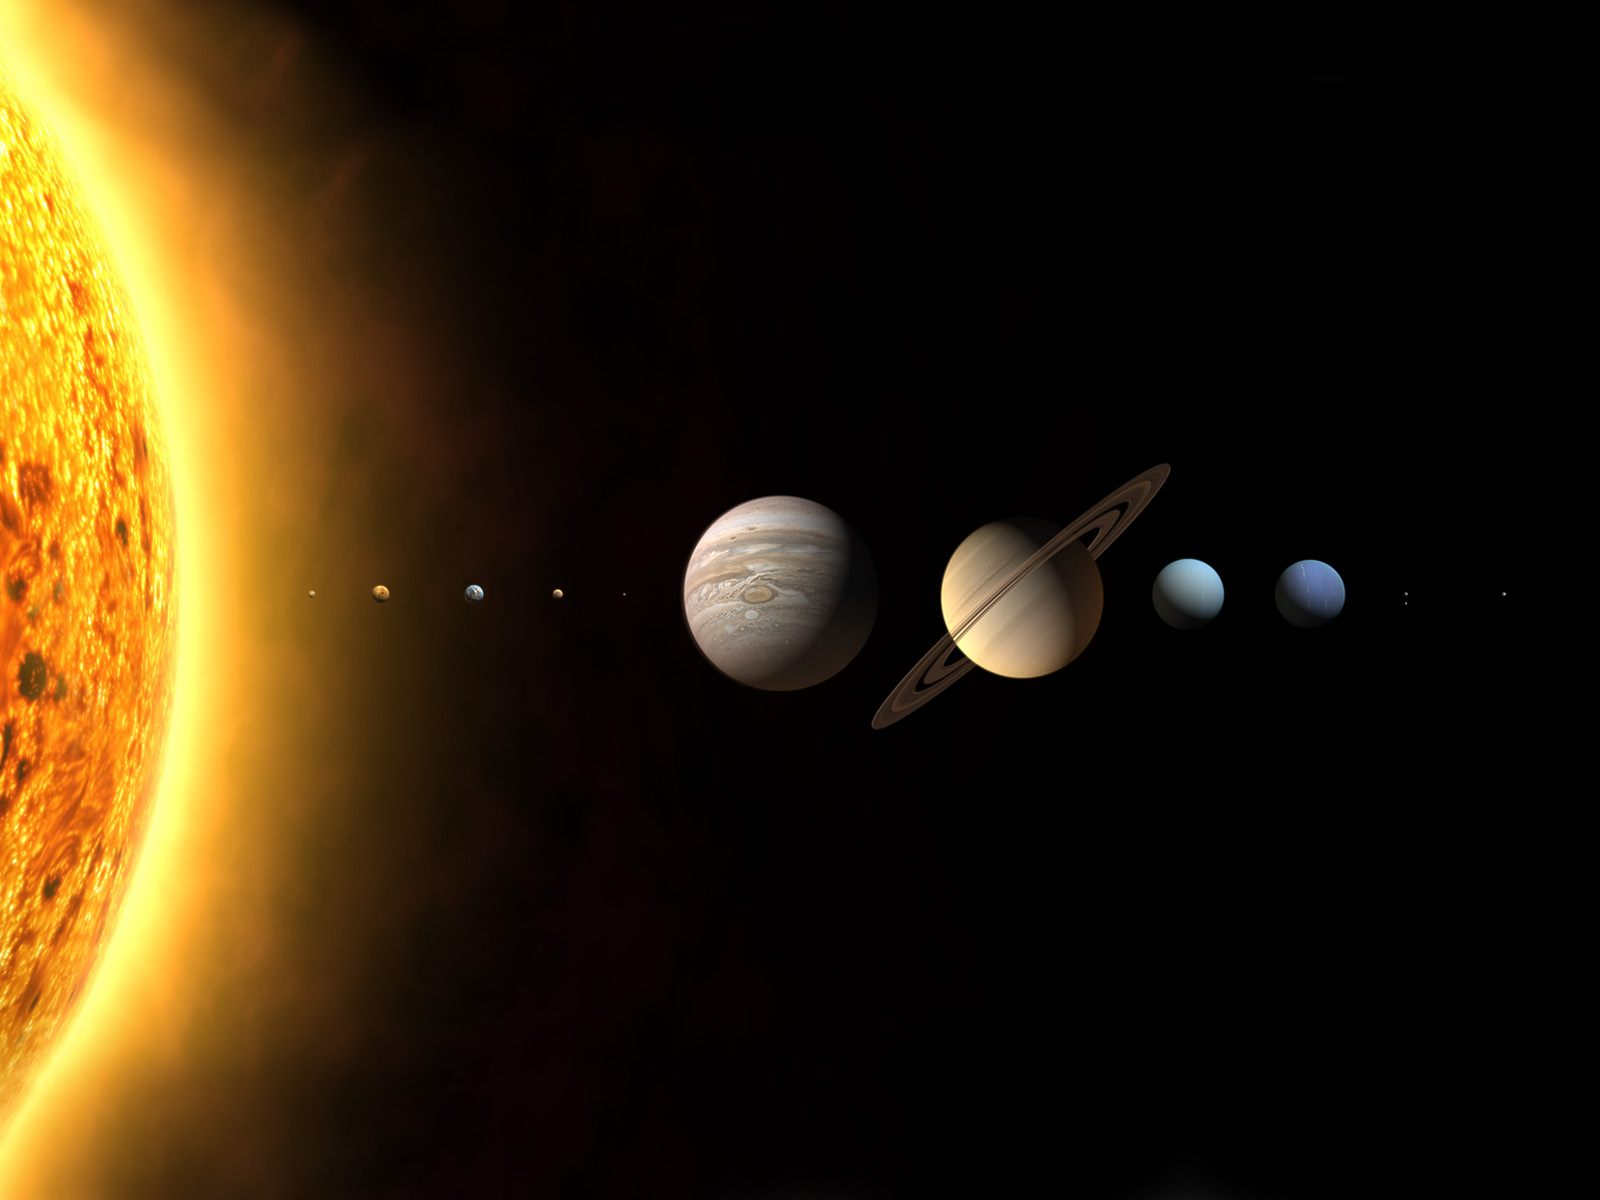 Solar System Galaxy high resolution widescreen